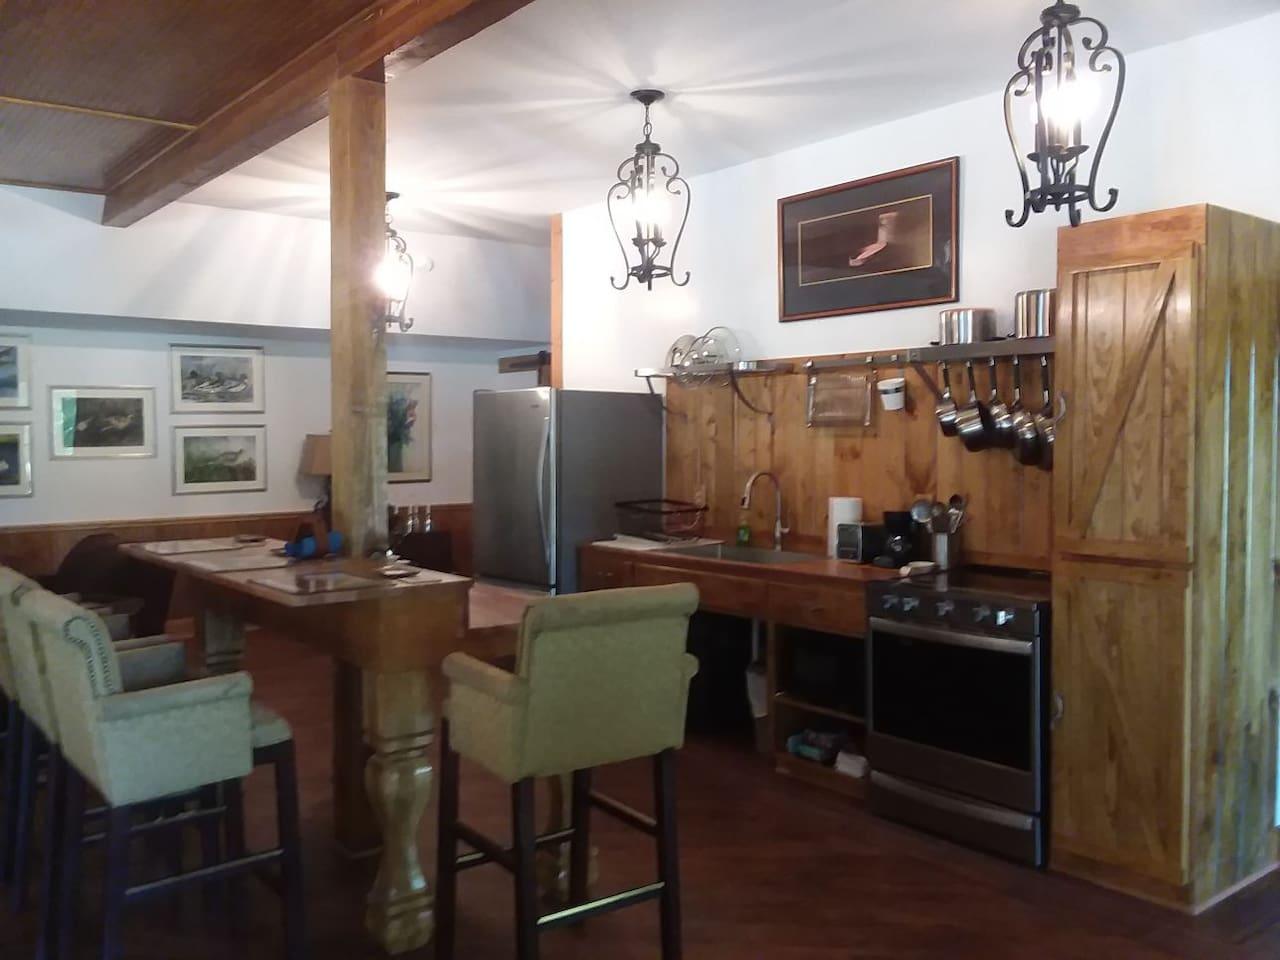 Galley Kitchen & Dining Island